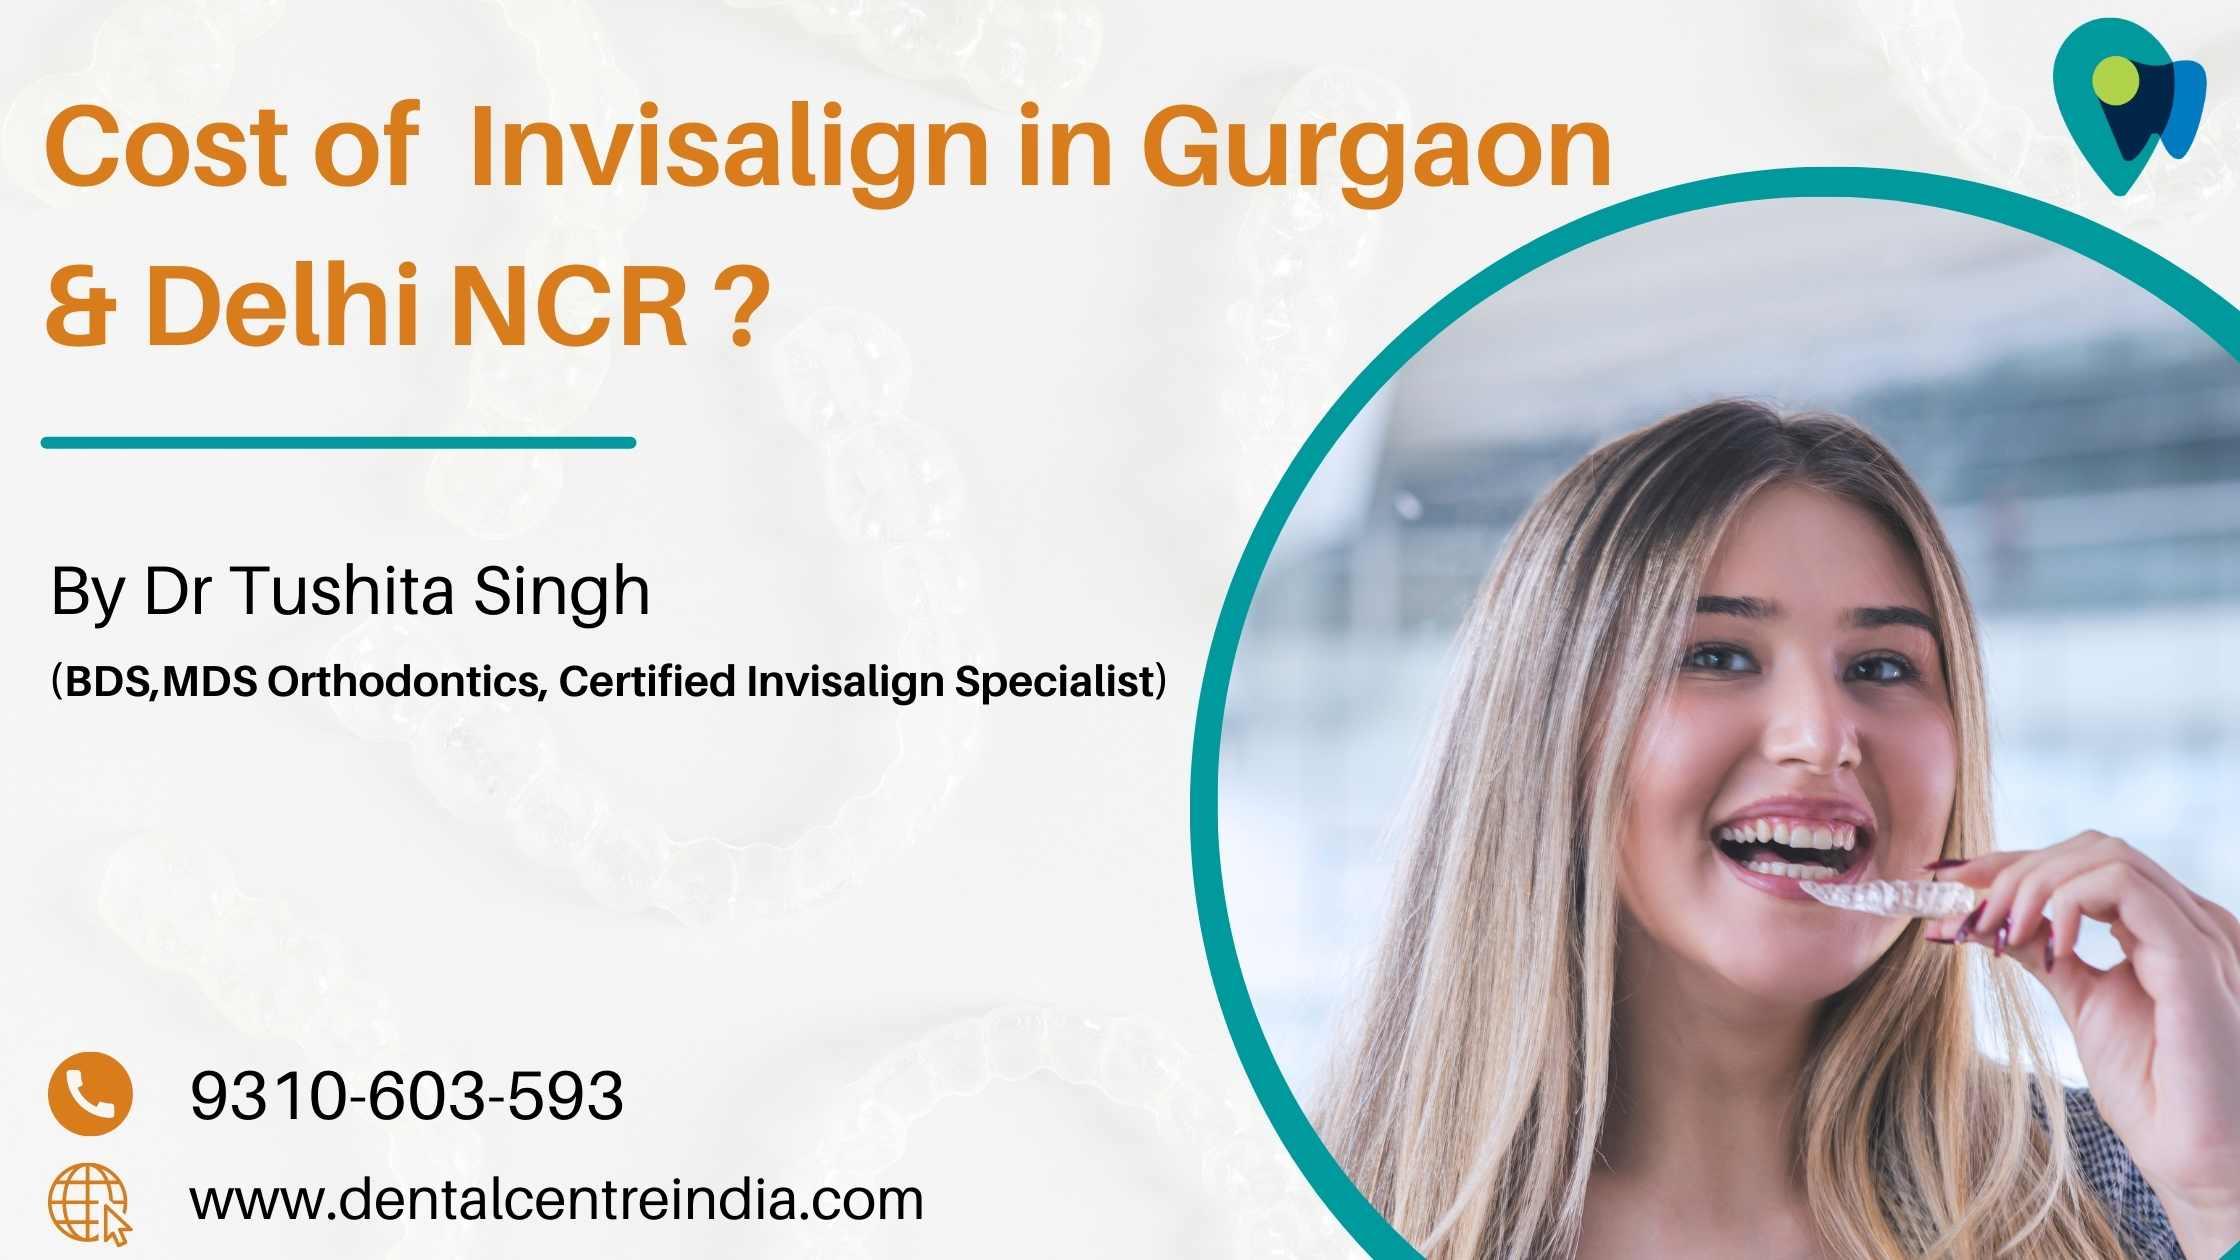 Cost  of  Invisalign in Gurgaon & Delhi